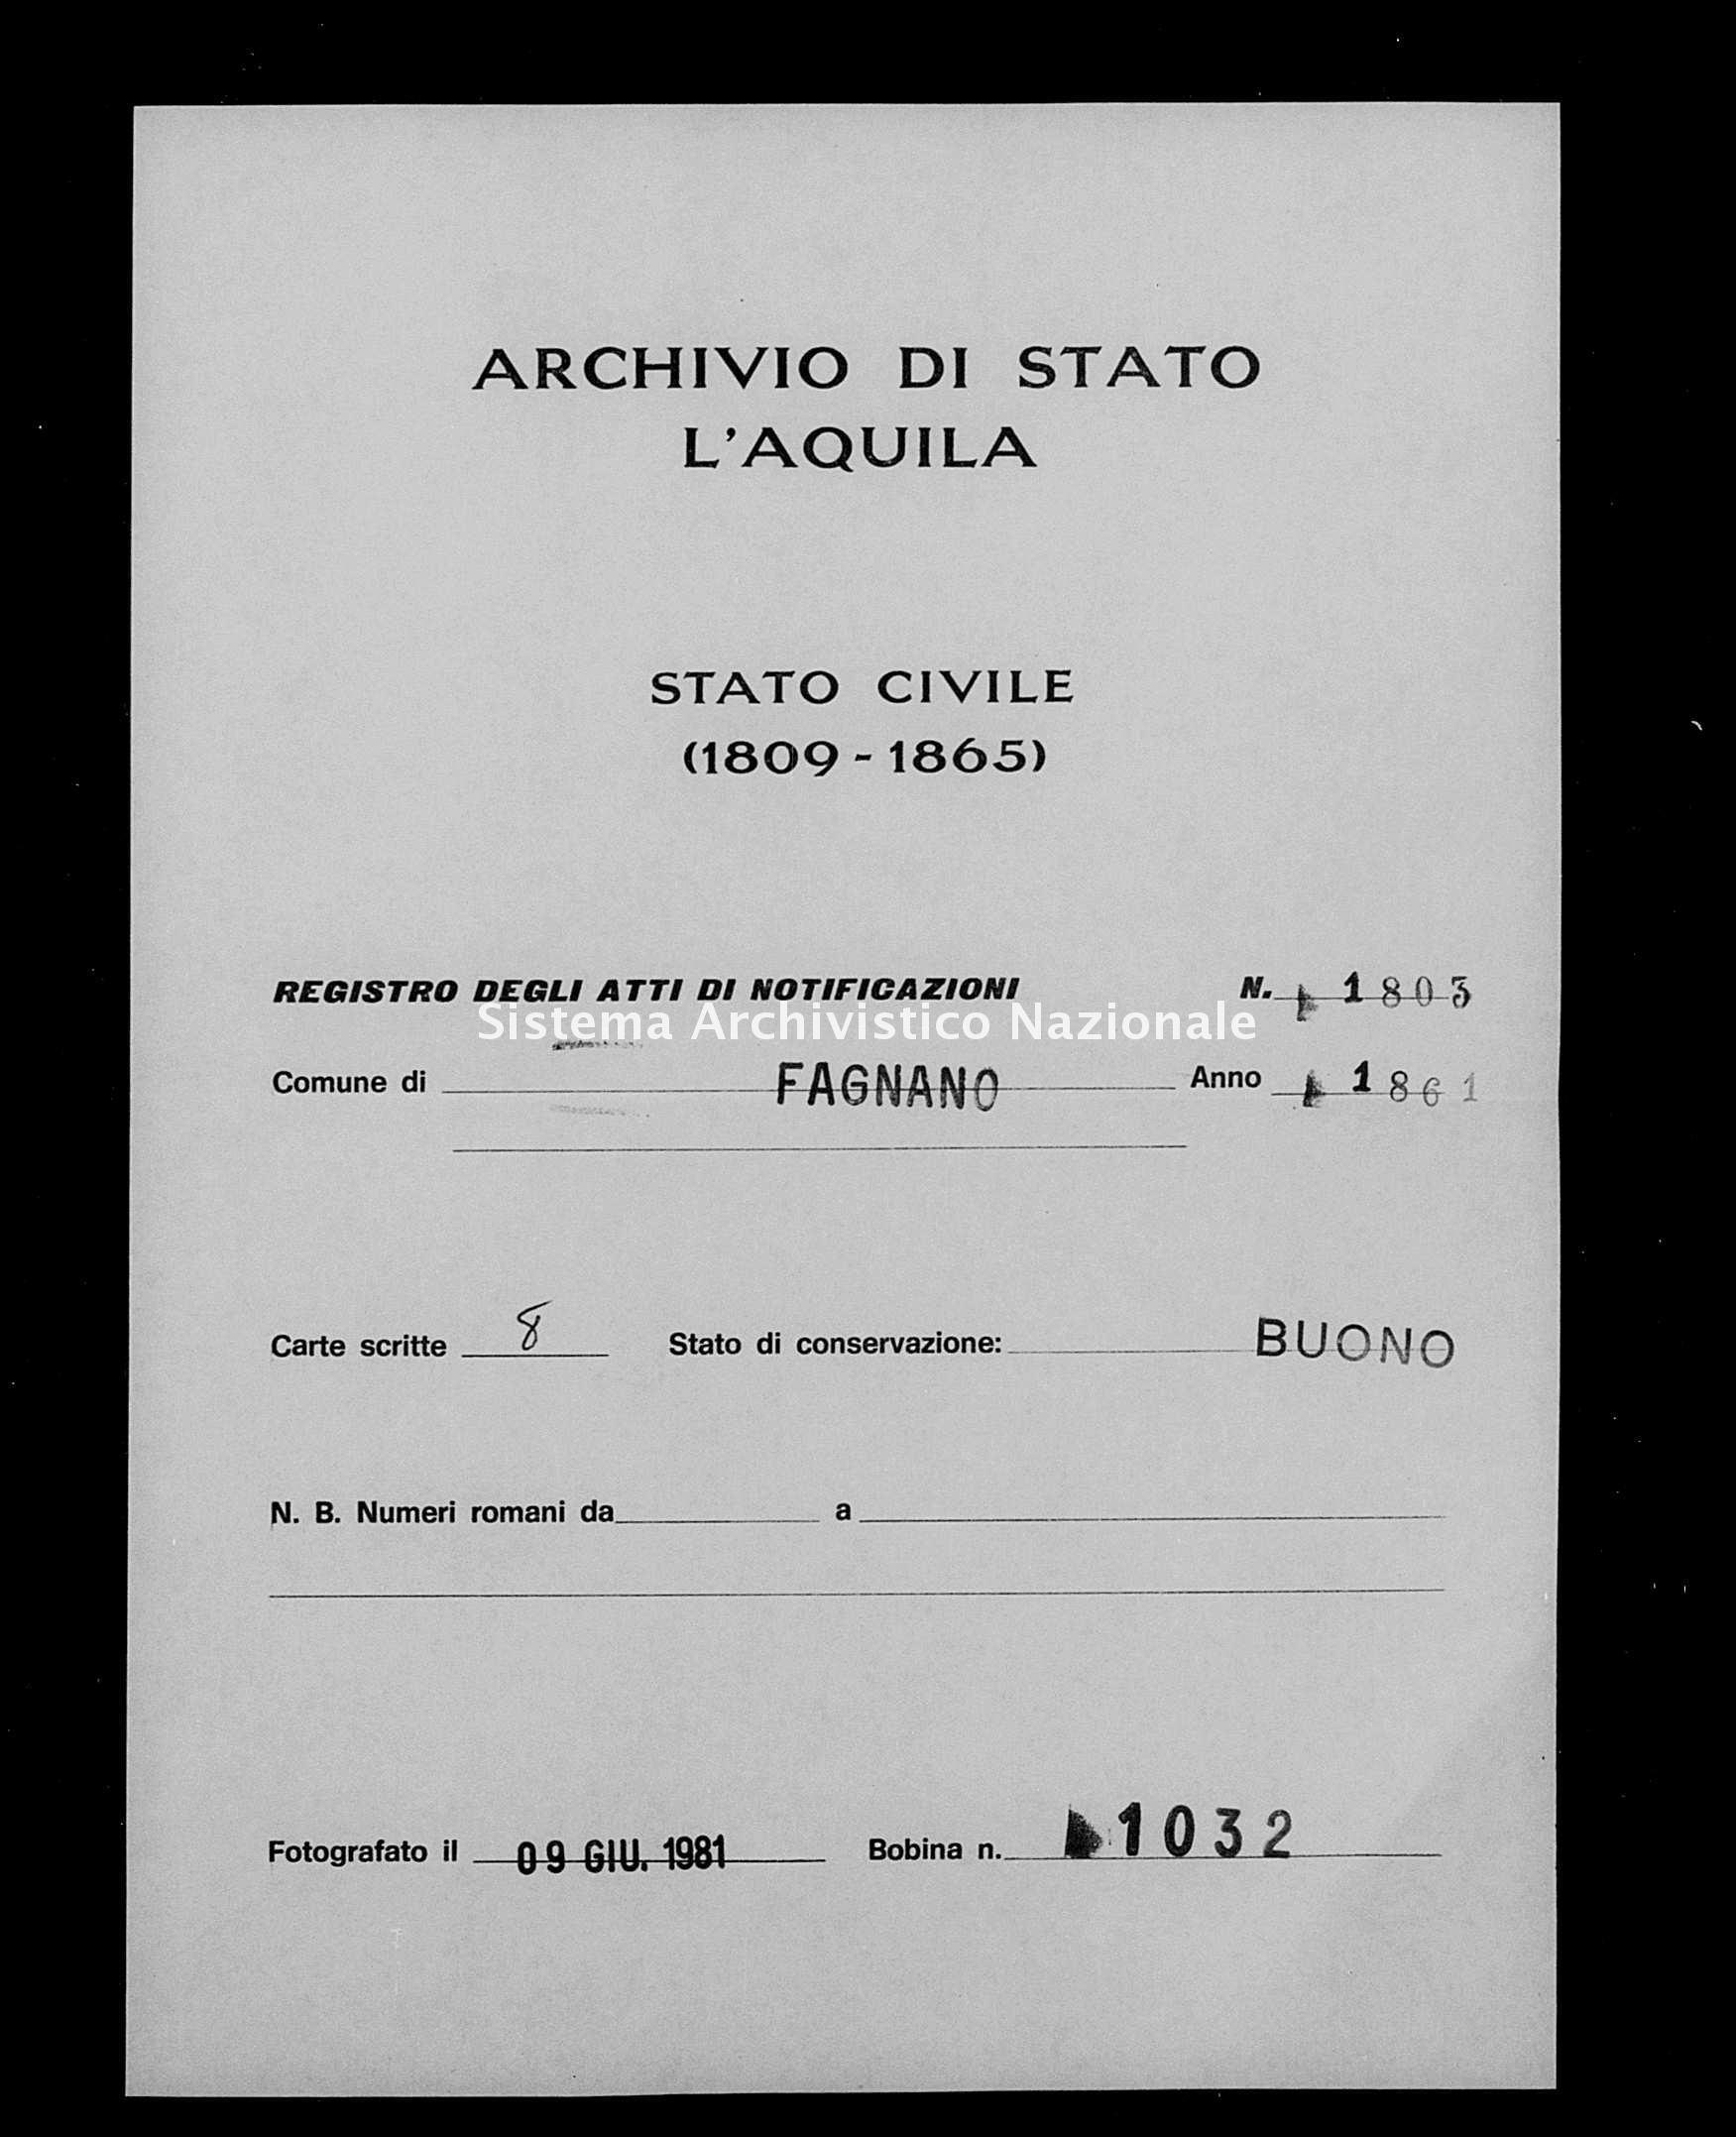 Archivio di stato di L'aquila - Stato civile italiano - Fagnano Alto - Matrimoni, memorandum notificazioni ed opposizioni - 1861 - 1803 -